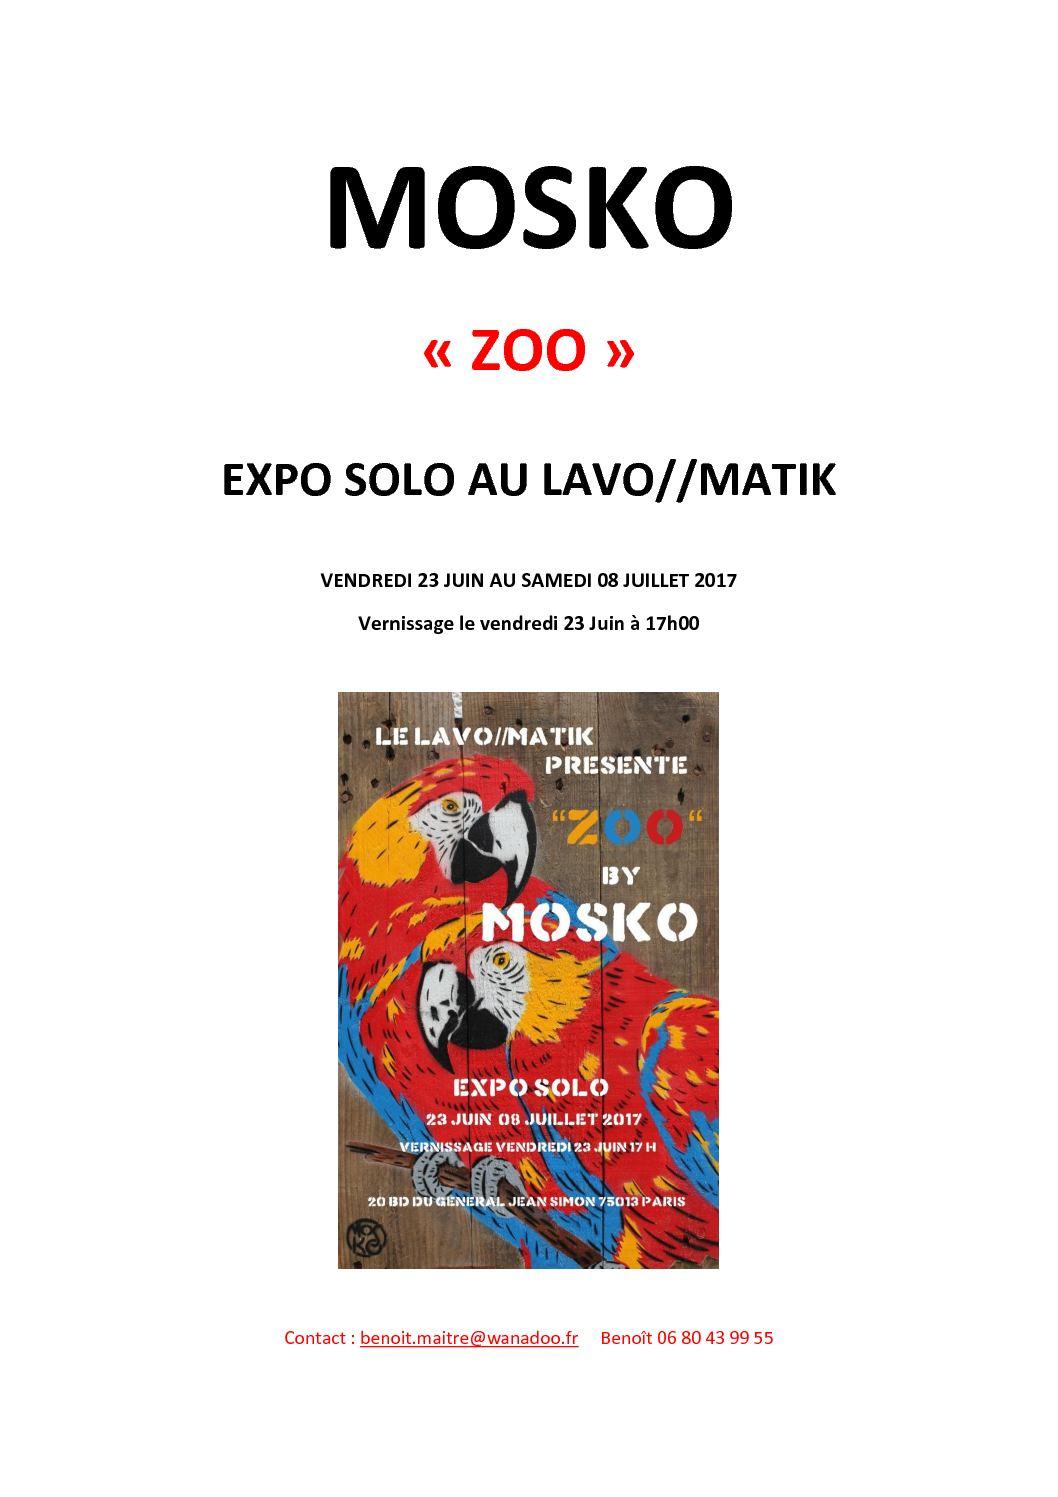 Catalogue Mosko expo solo Lavo//Matik  Juin 2017